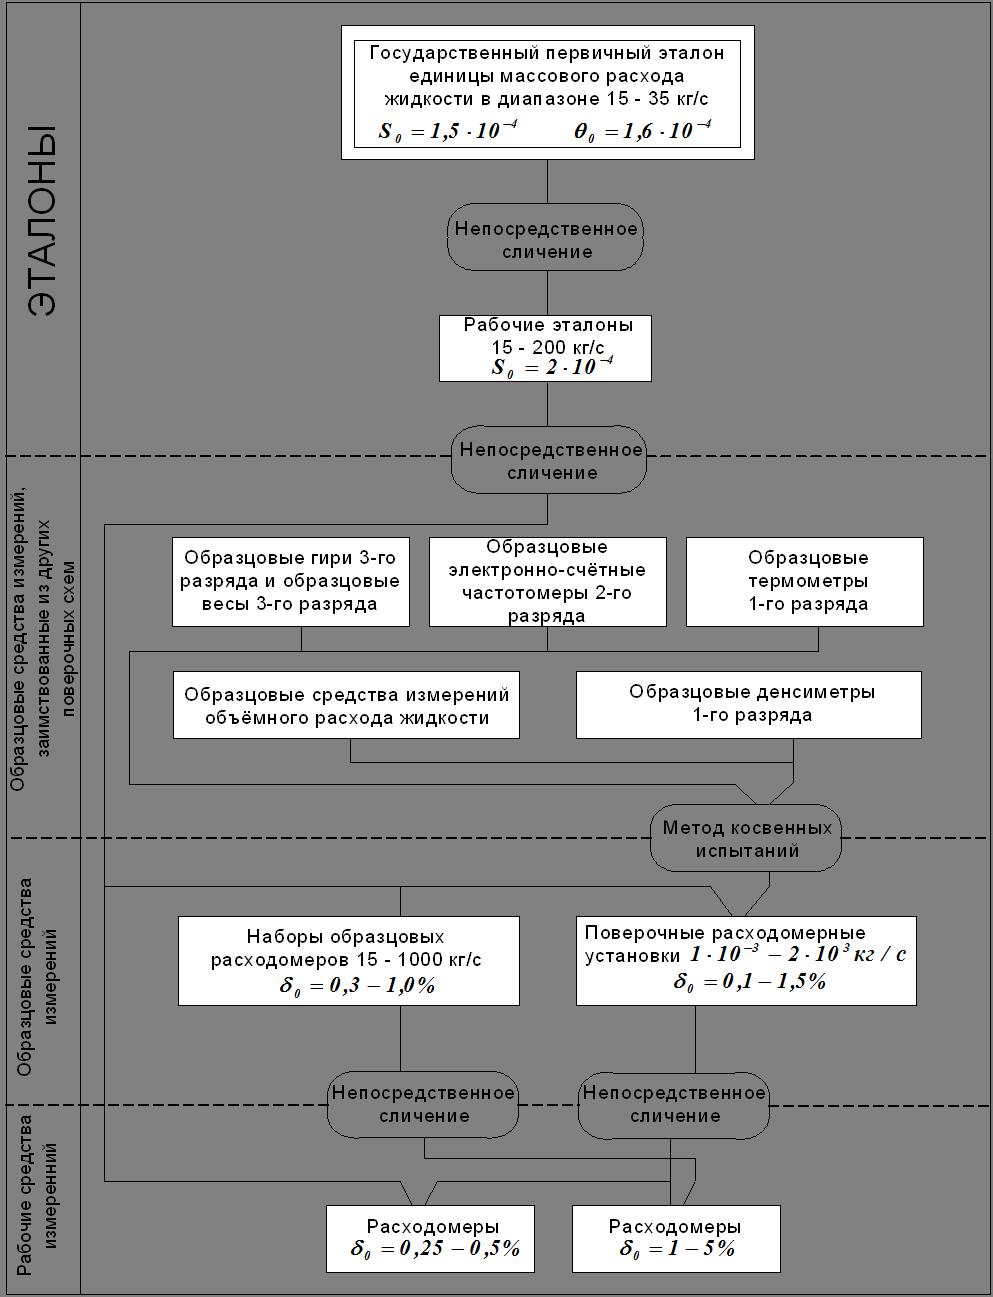 Государственная поверочная схема для средств измерений расхода жидкости